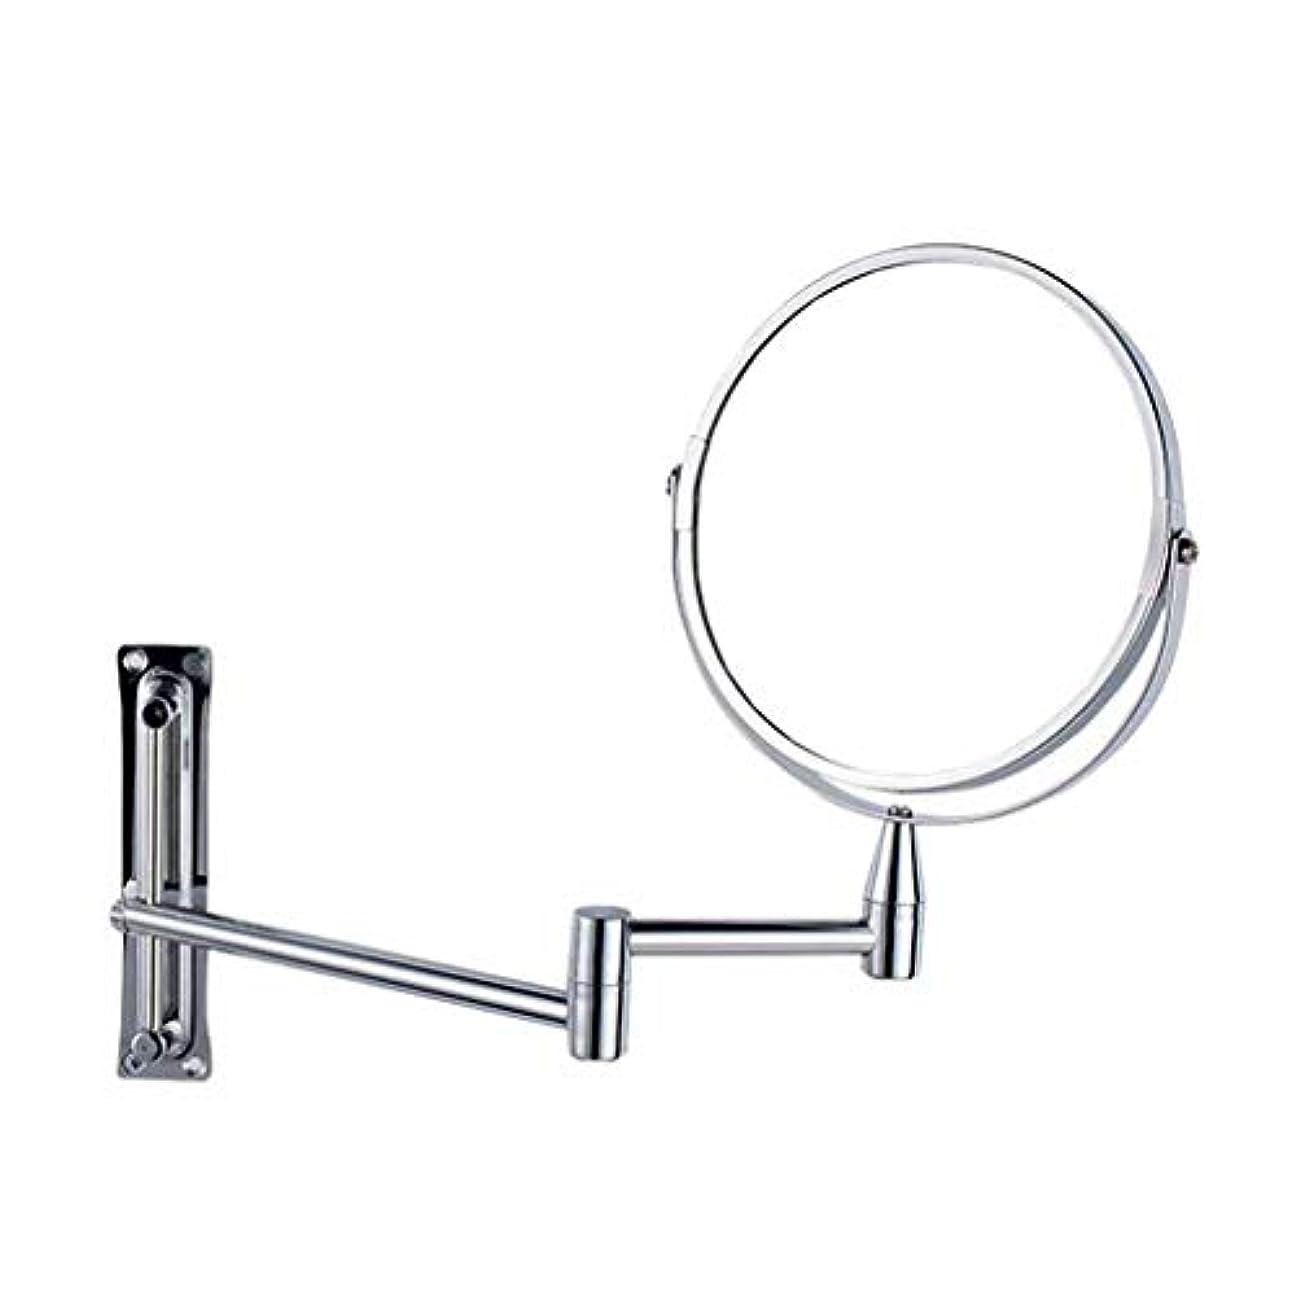 プラスオーバードロー照らすACMEDE 両面化粧鏡 壁付け 折りたたみ 5倍拡大鏡+等倍 360度回転 伸縮可能 壁付けミラー 洋式アームミラー メイク道具 洗面所に取り付け